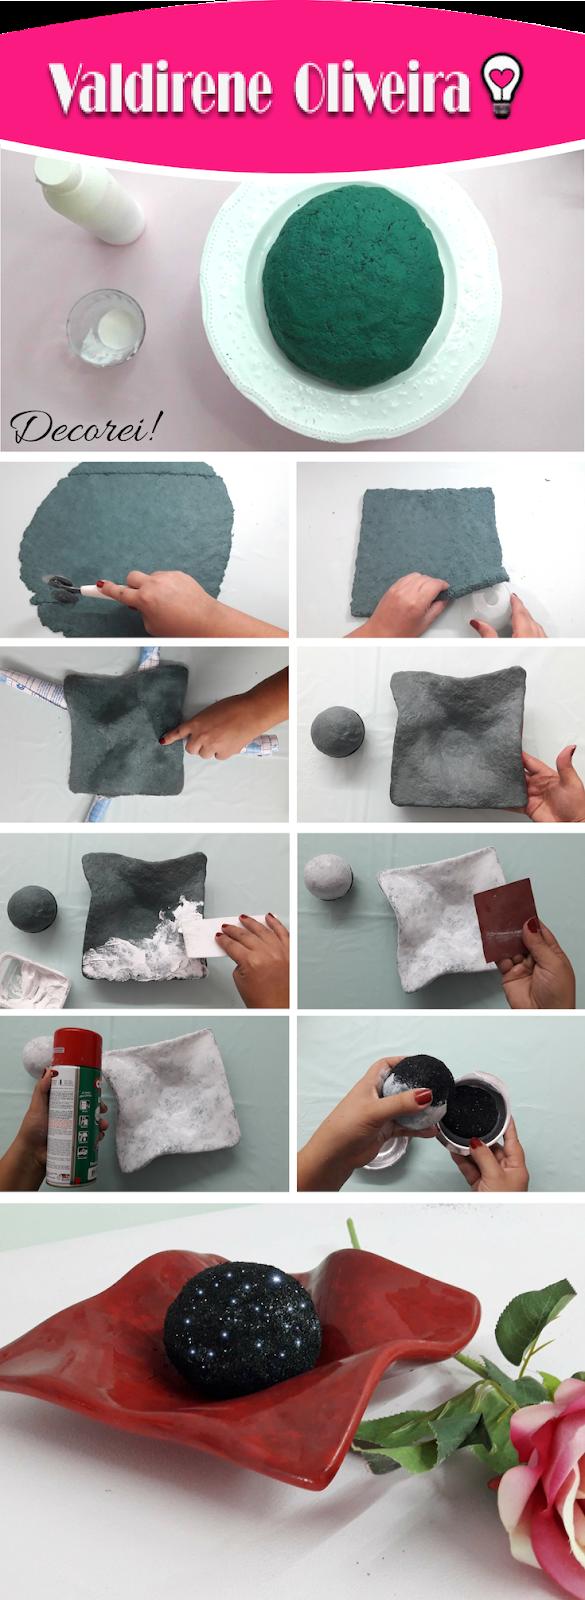 Passo a passo de como fazer bandeja de papel machê